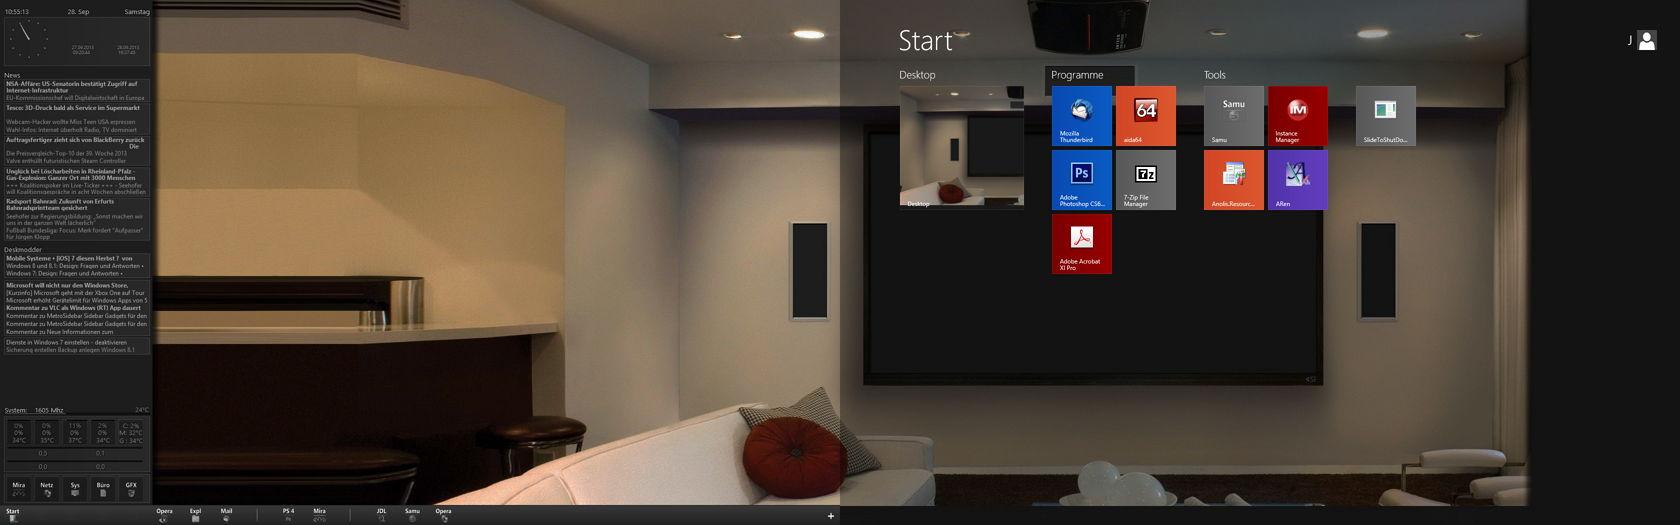 Windows 8.1 mit Dual- oder mehreren Monitoren